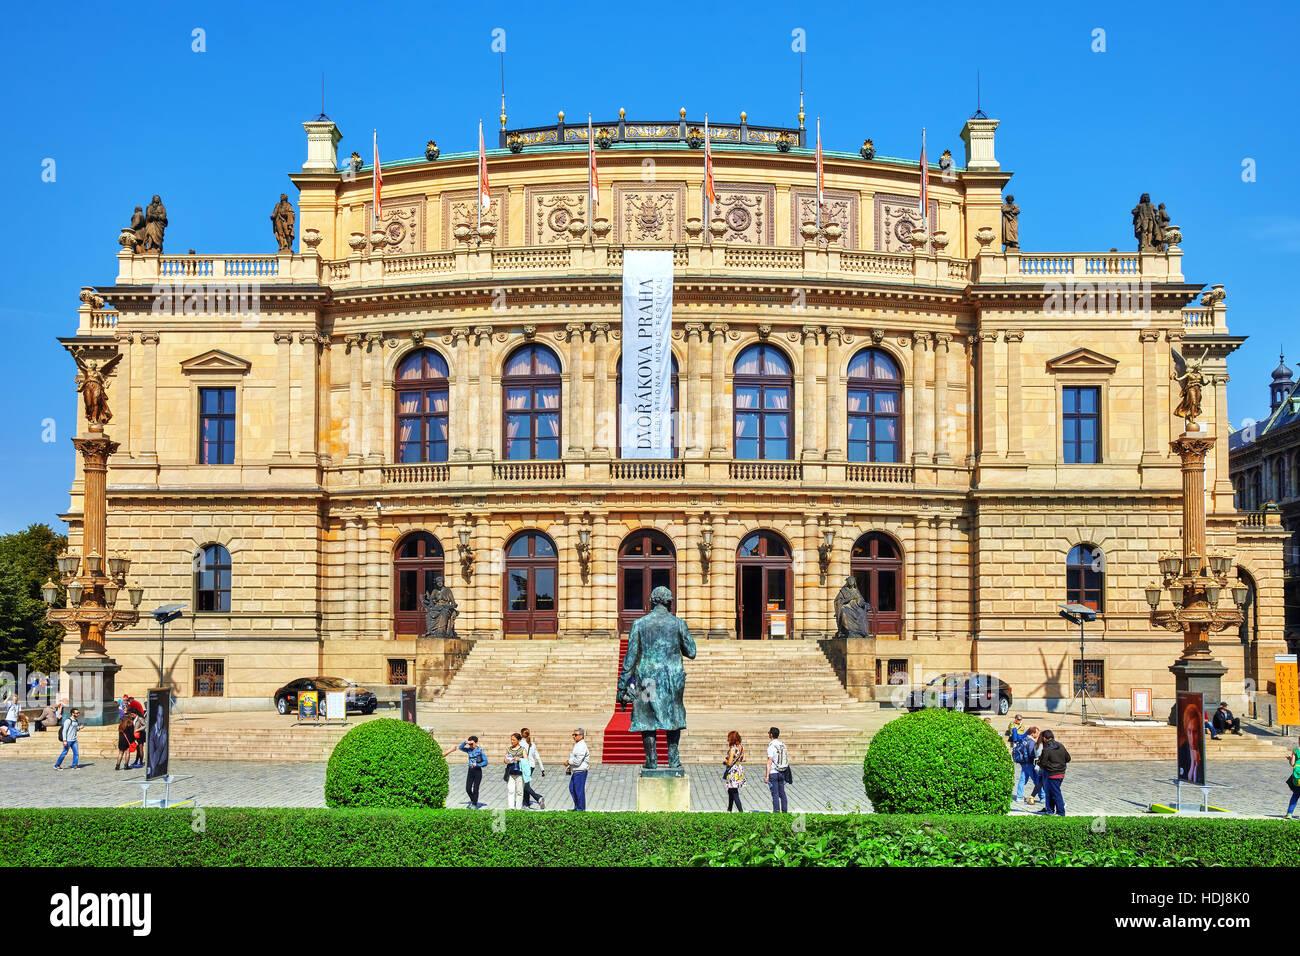 PRAGUE, CZECH REPUBLIC-SEPTEMBER 12, 2015: Building of the National Opera of Prague and the Czech Republic.Czech Stock Photo